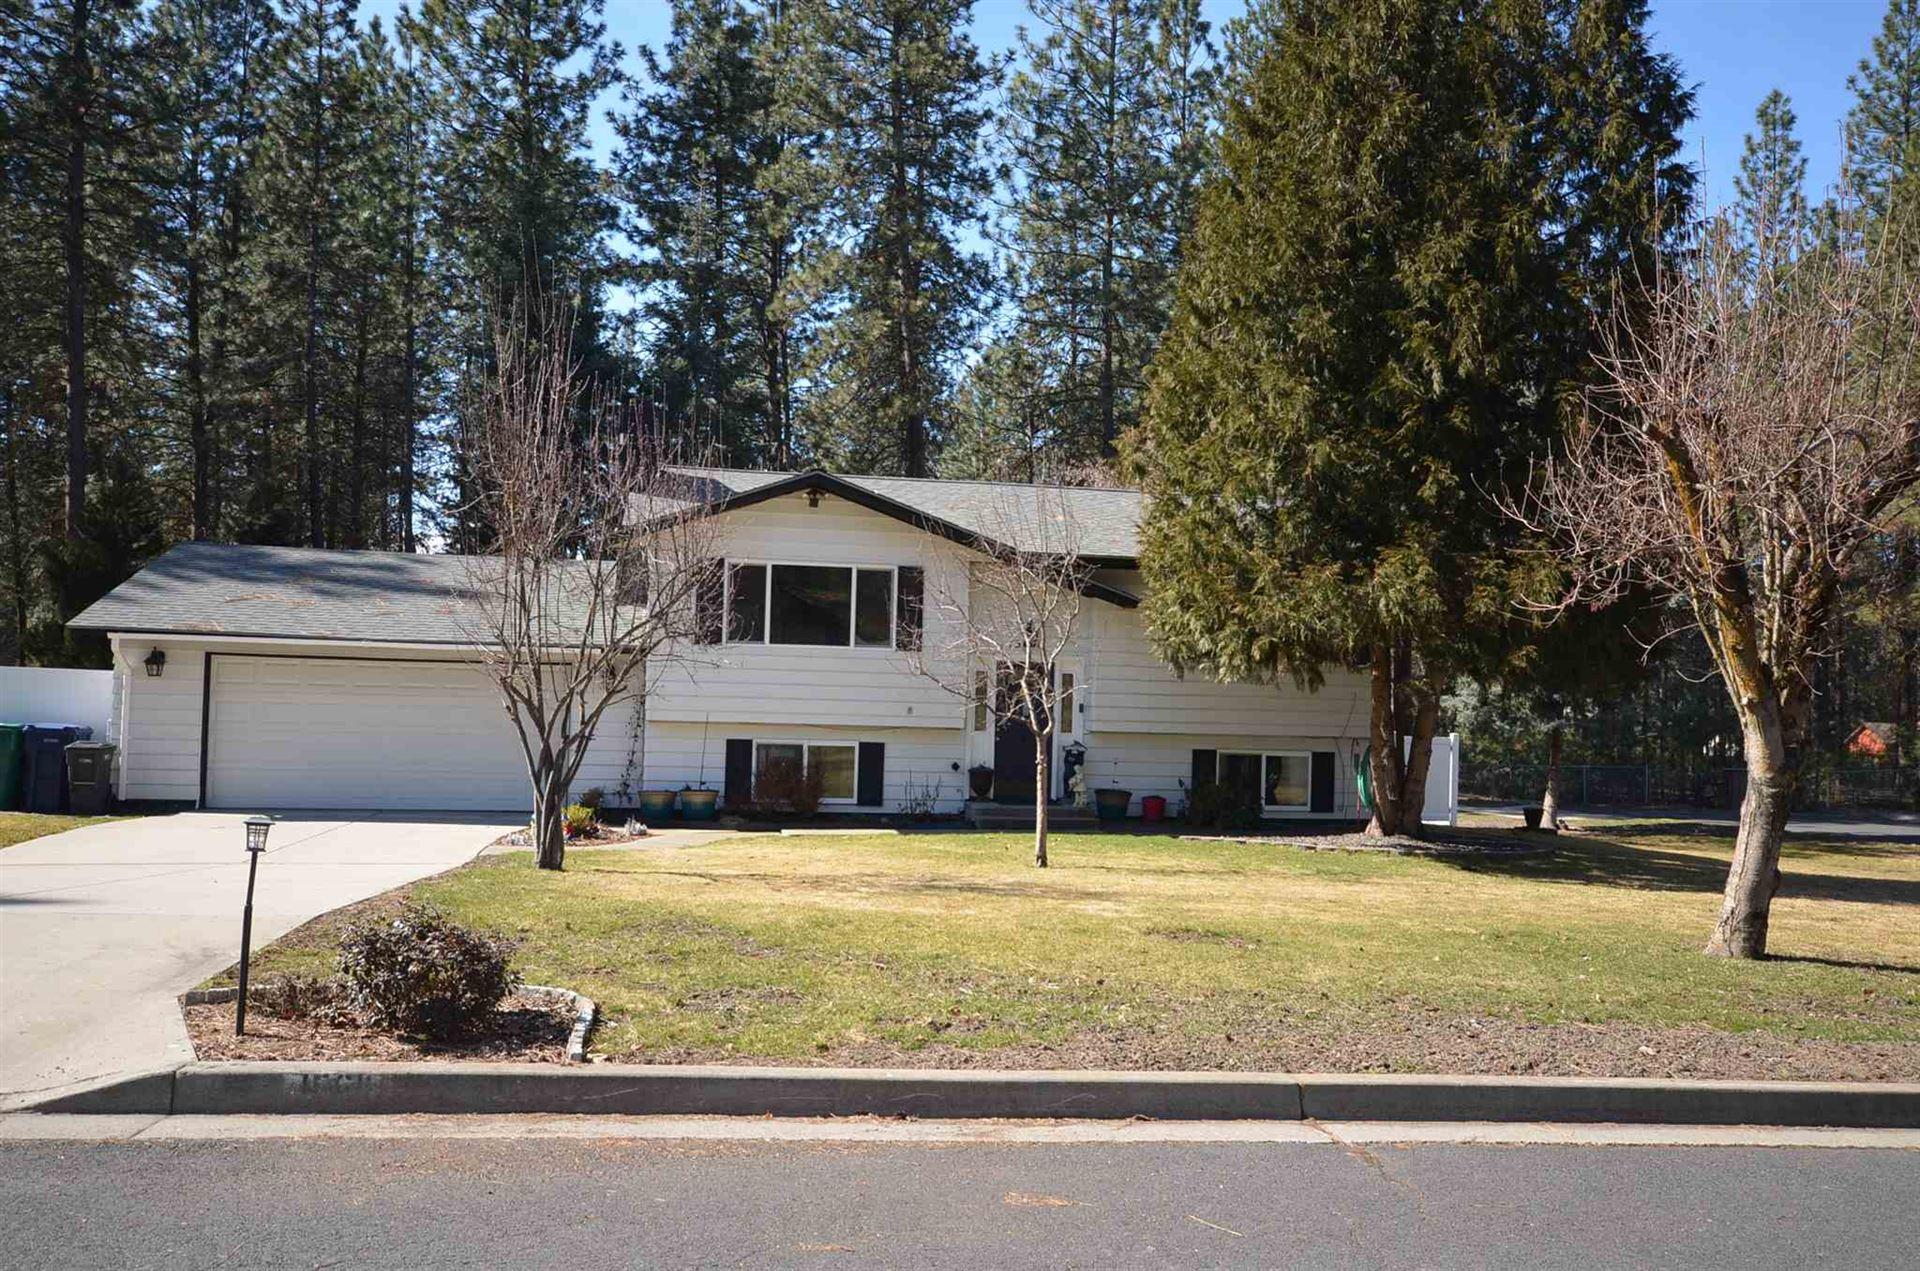 15611 N Myrtle St, Mead, WA 99021 - #: 202113064